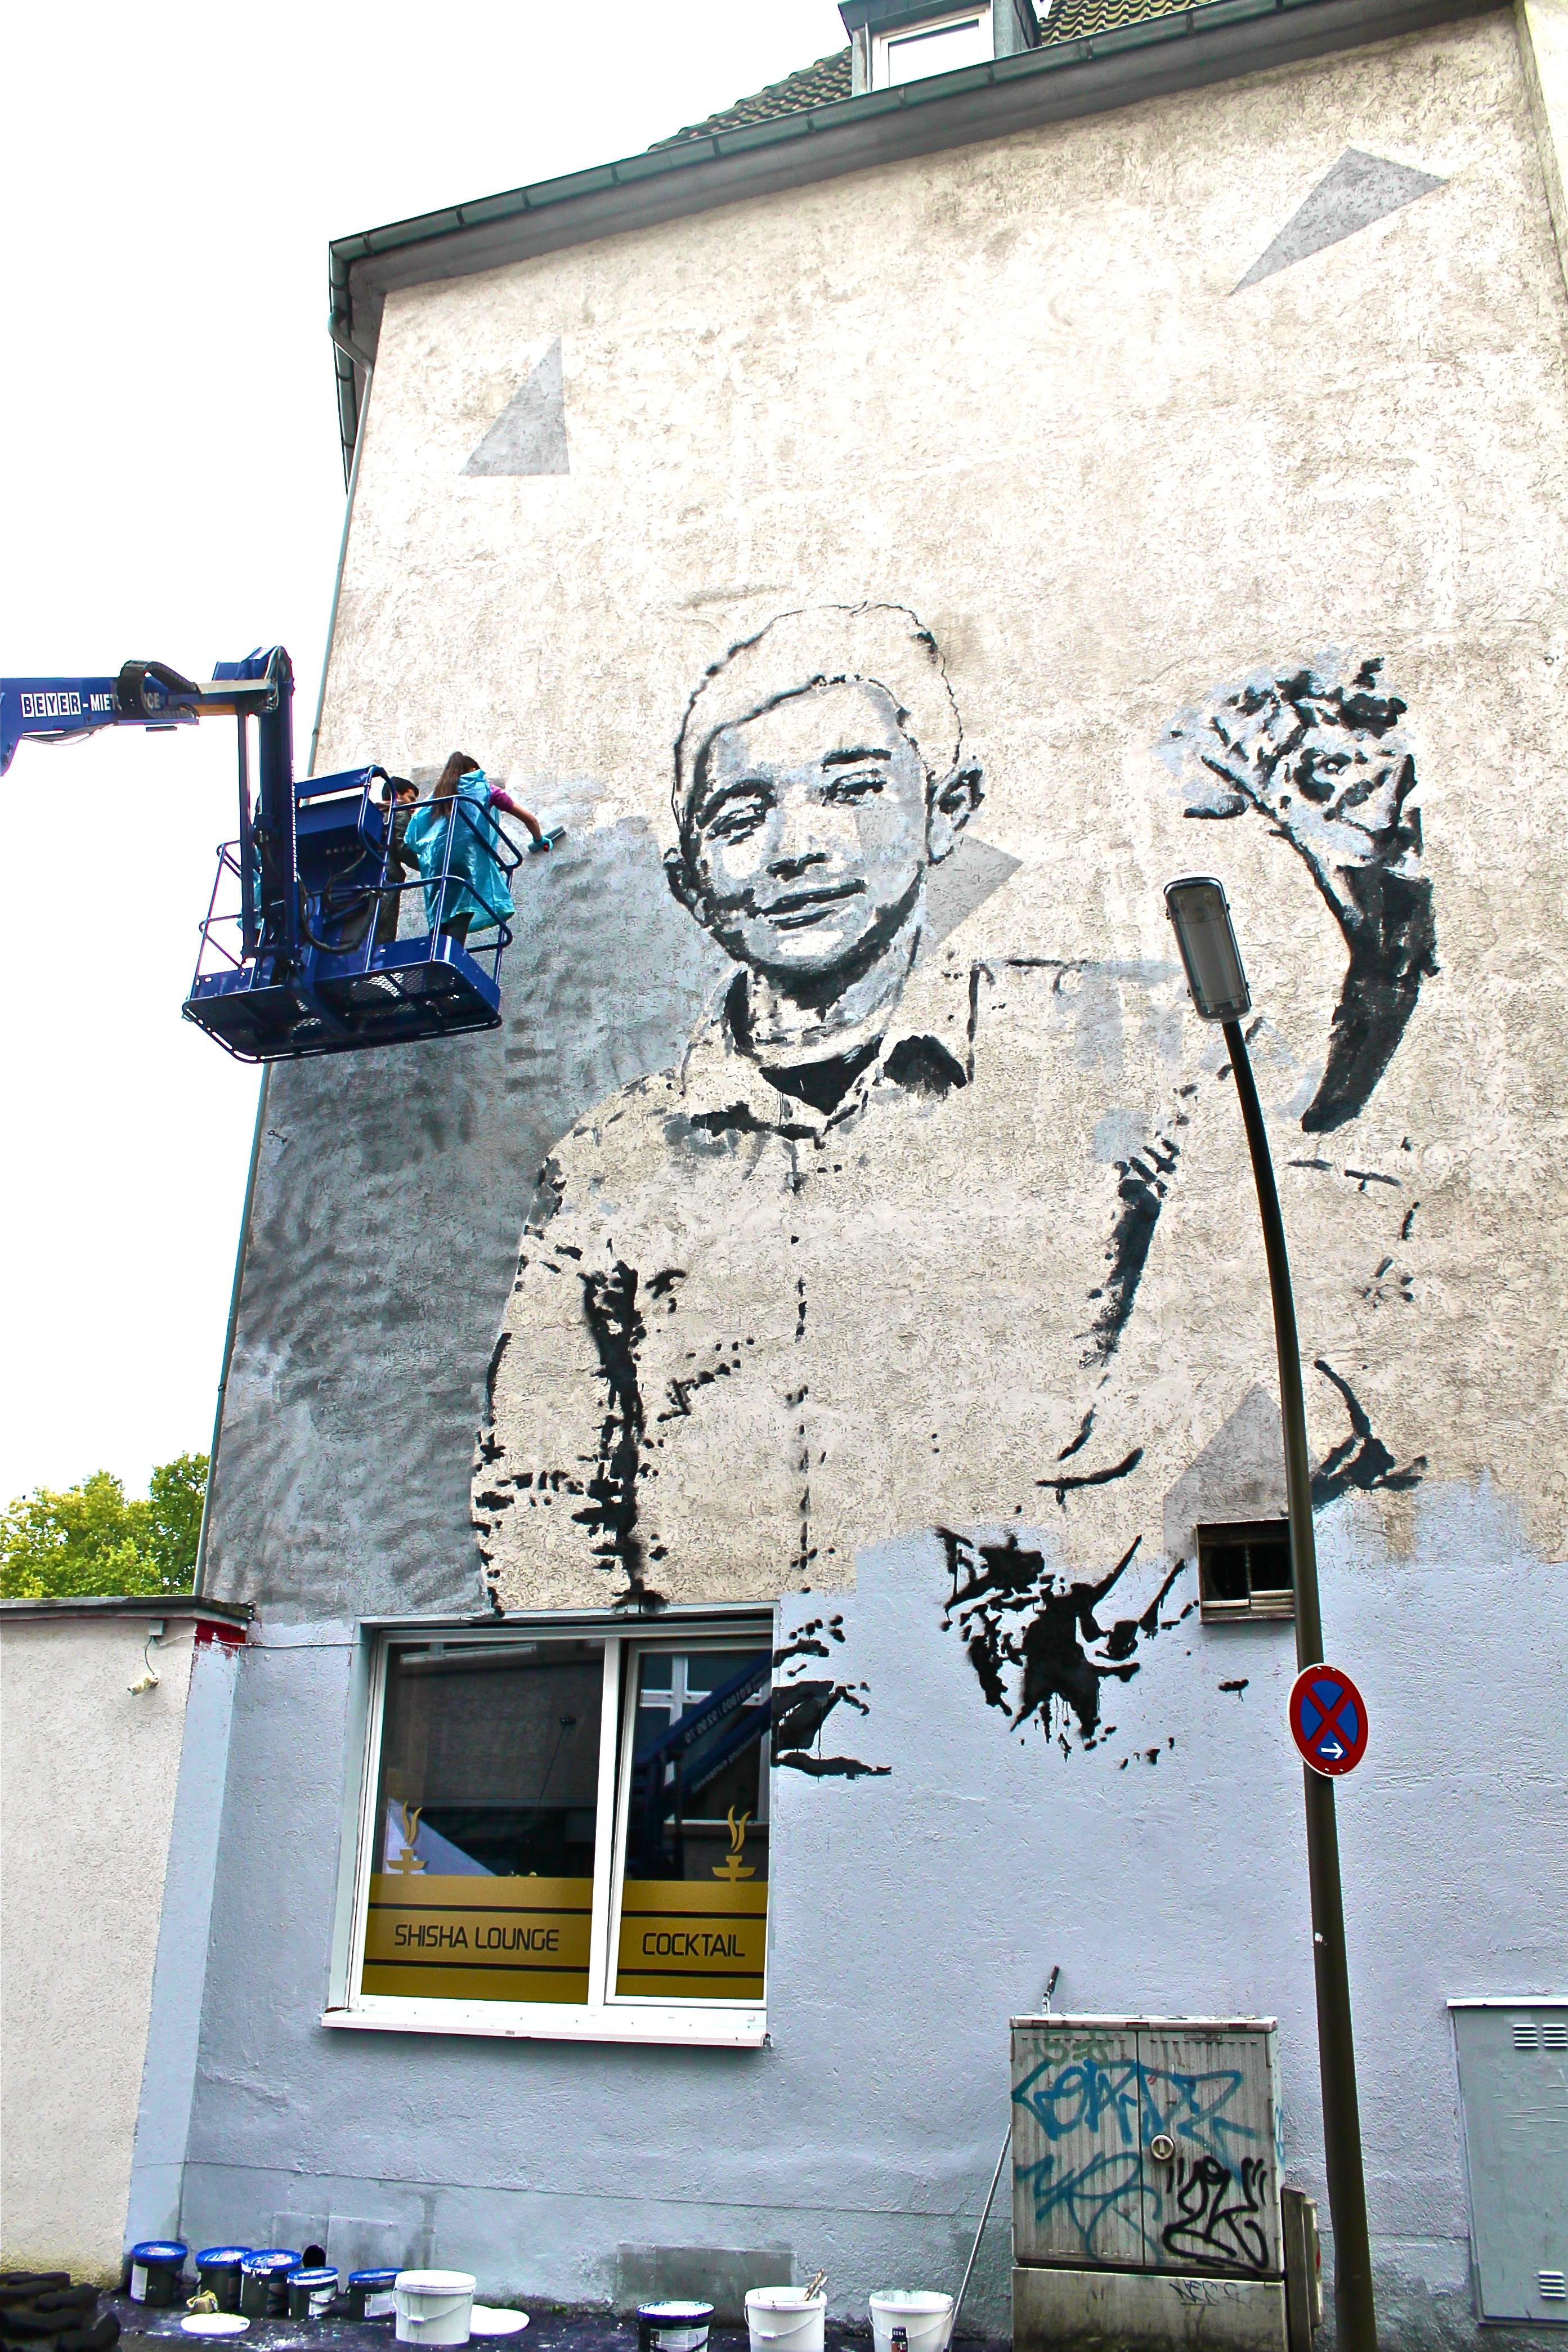 Über mehrere Tage hinweg entsteht im Rahmen des HUNA/K Festivals in der Münsterstraße dieses große Wandgemälde.